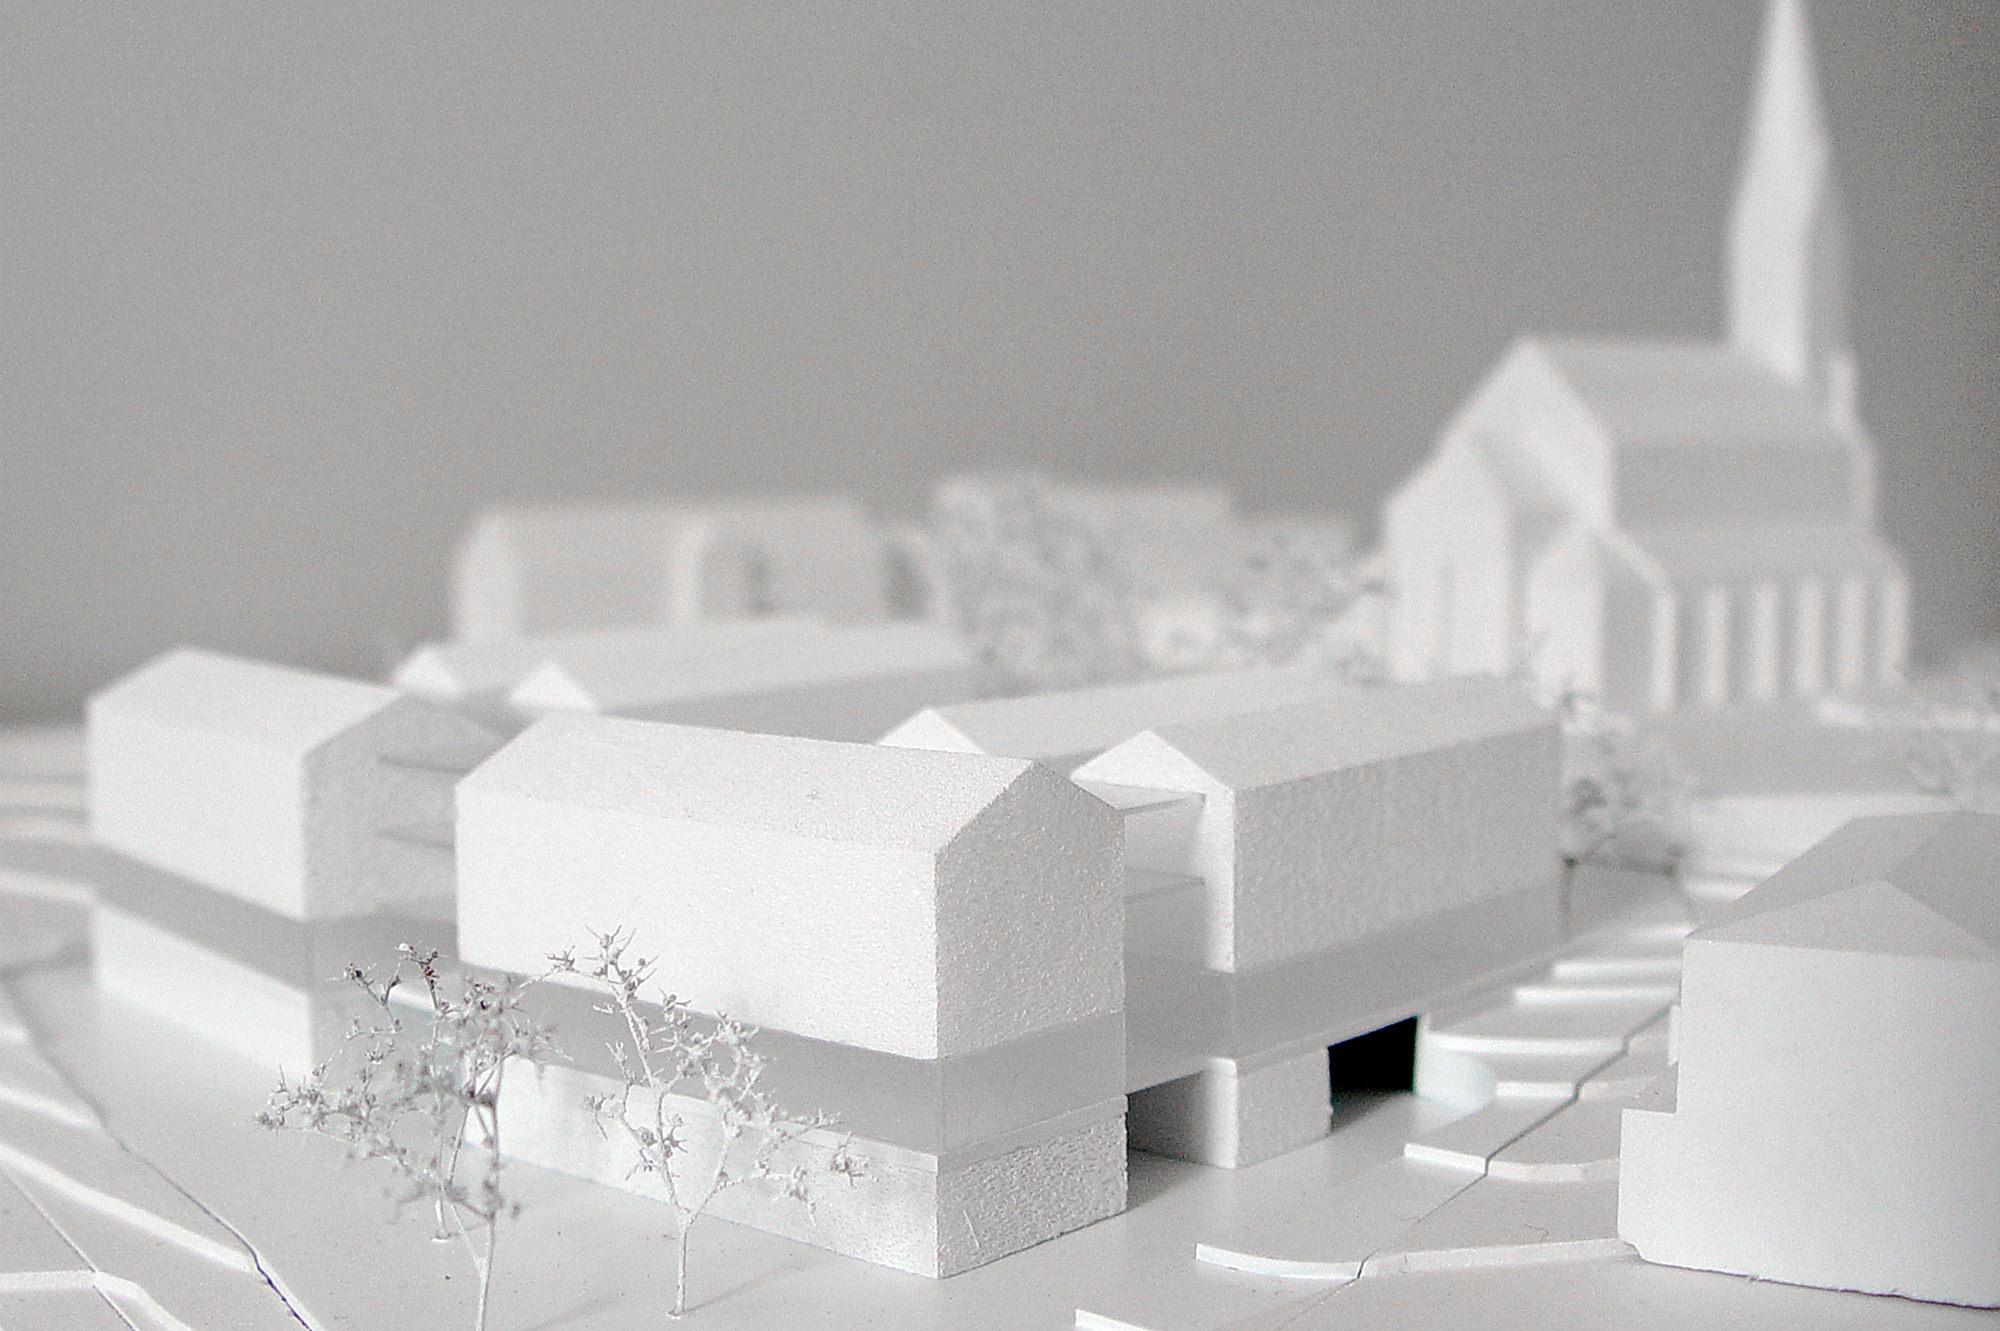 pflegeheim_04_wettbewerb__junger_beer_architektur